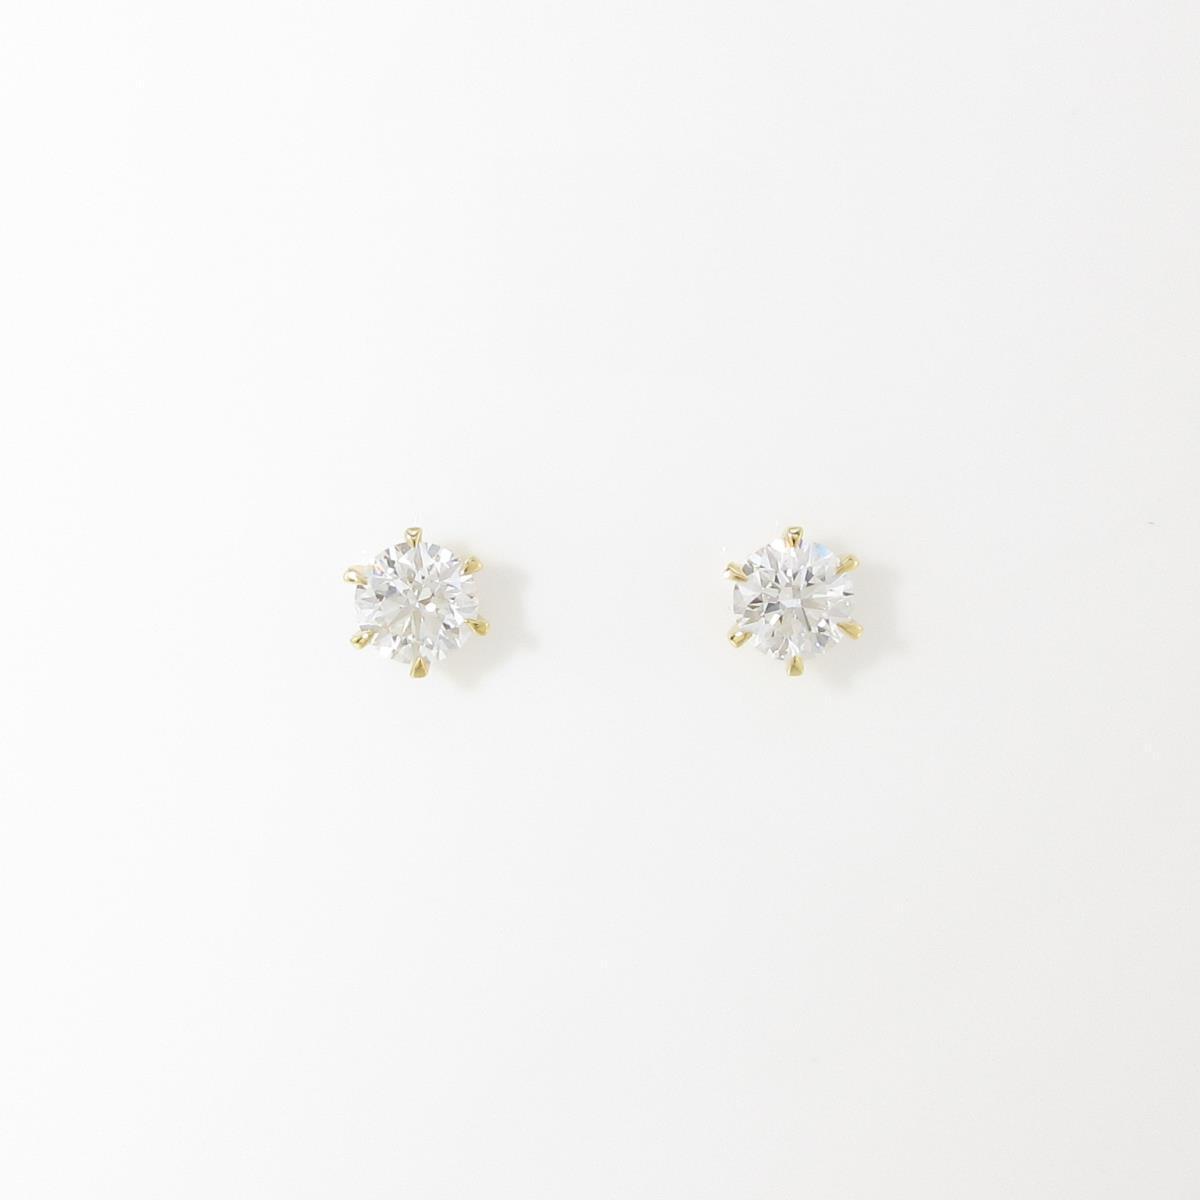 【リメイク】K18YG/ST ダイヤモンドピアス 0.308ct・0.321ct・E-F・VS1・EX H&C【中古】